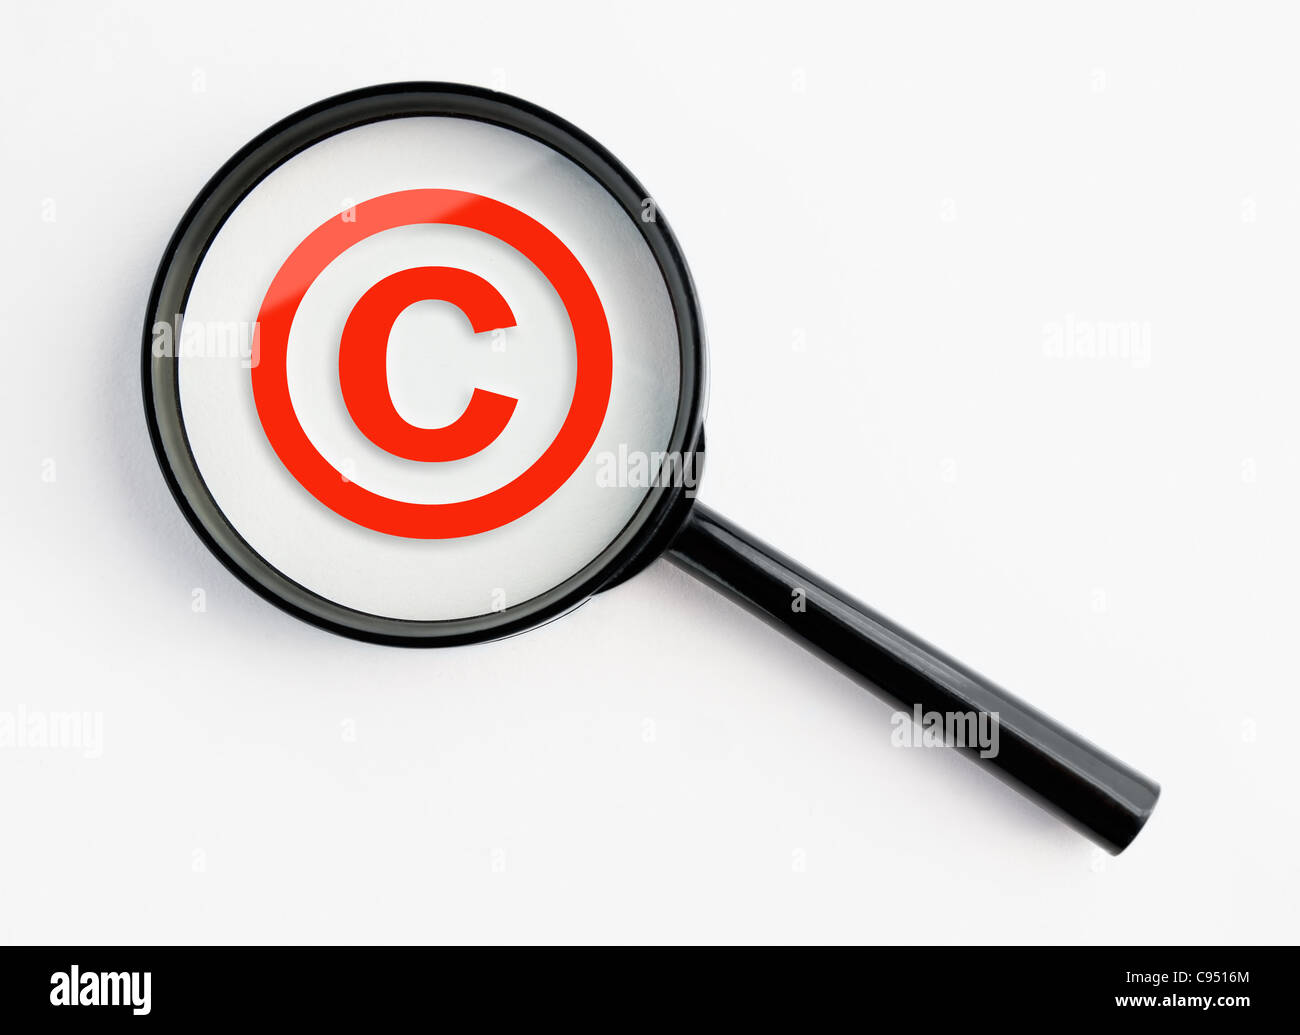 Registered Trademark Symbol Stock Photos Registered Trademark